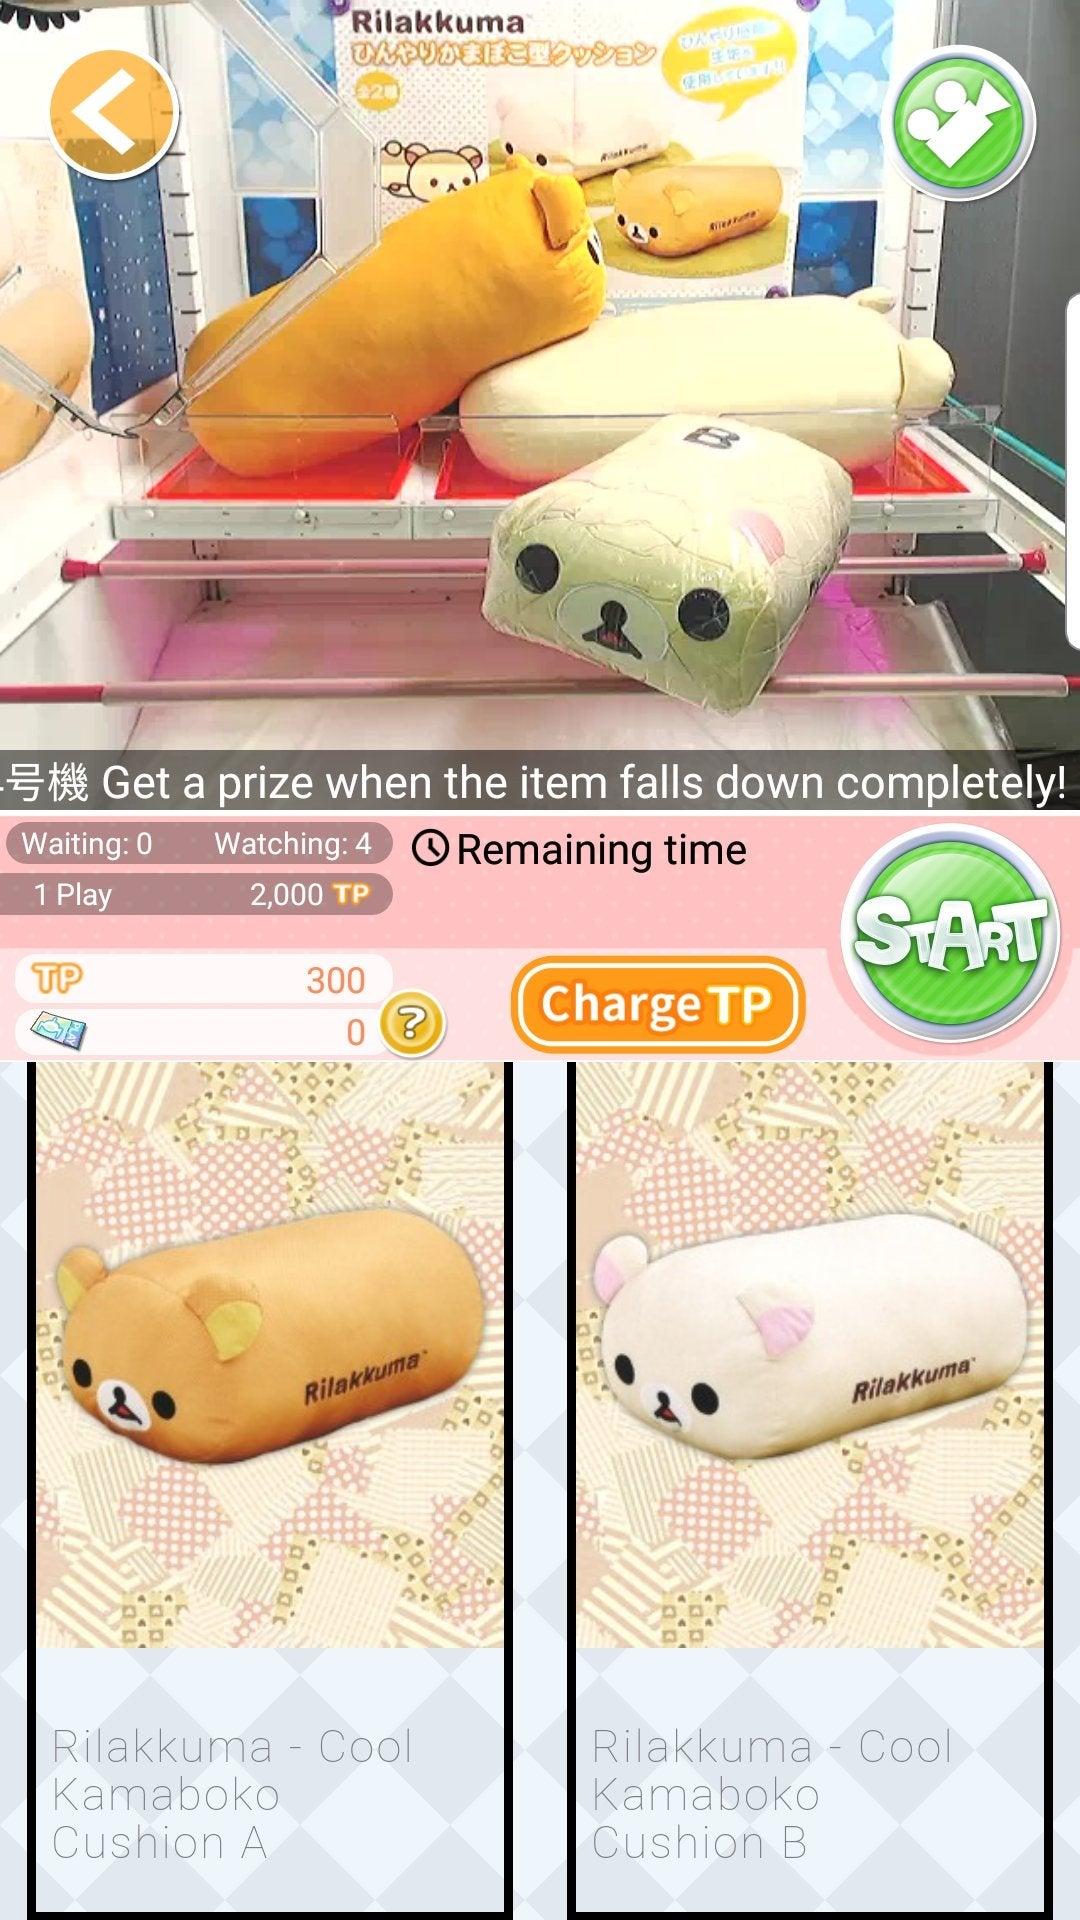 I Wasted Approximately ¥3896 On This Stupid Japanese Crane